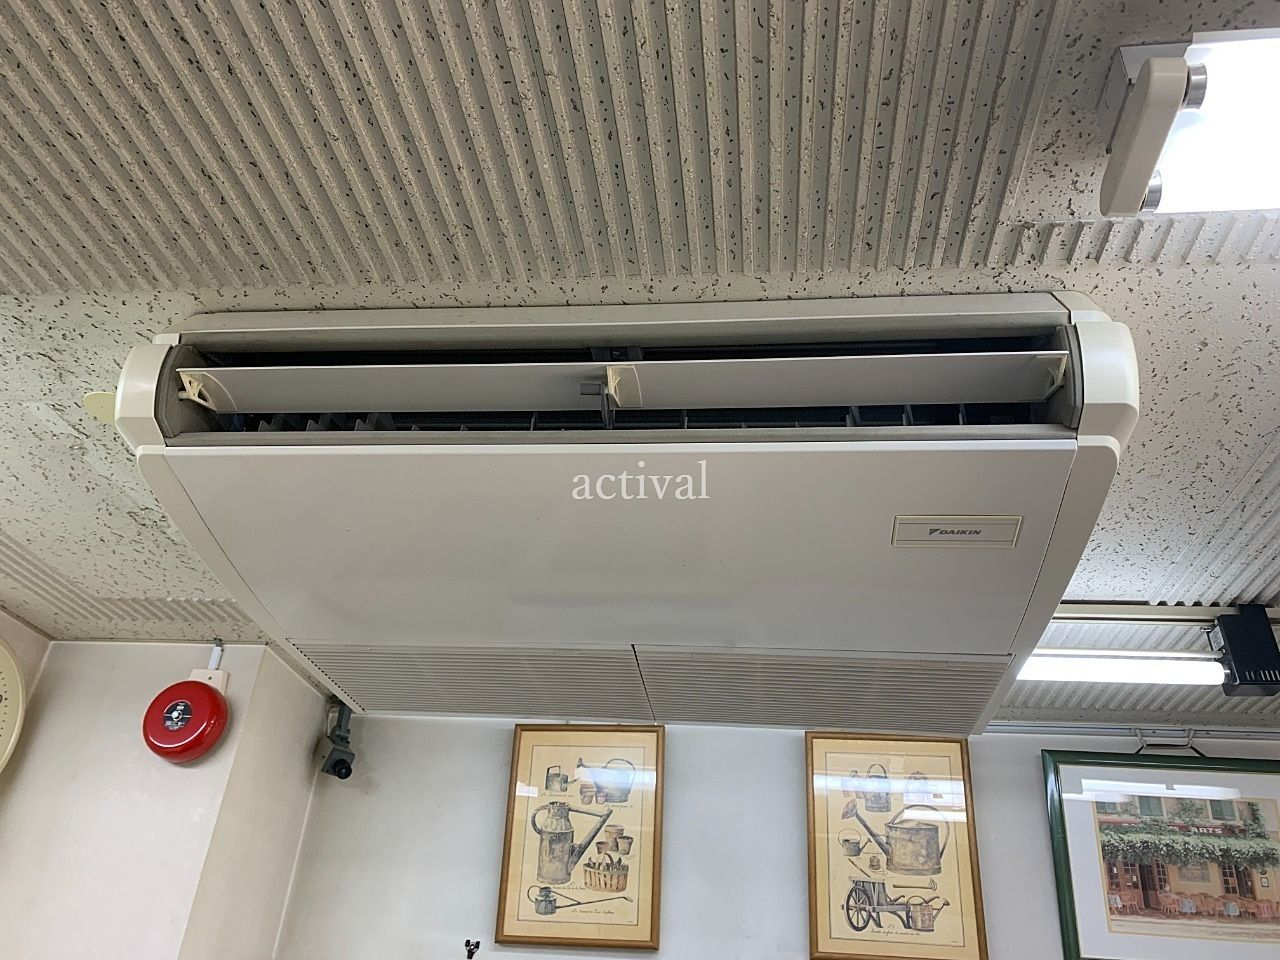 ア・ス・ヴェルデ管理事務所のエアコン掃除です。